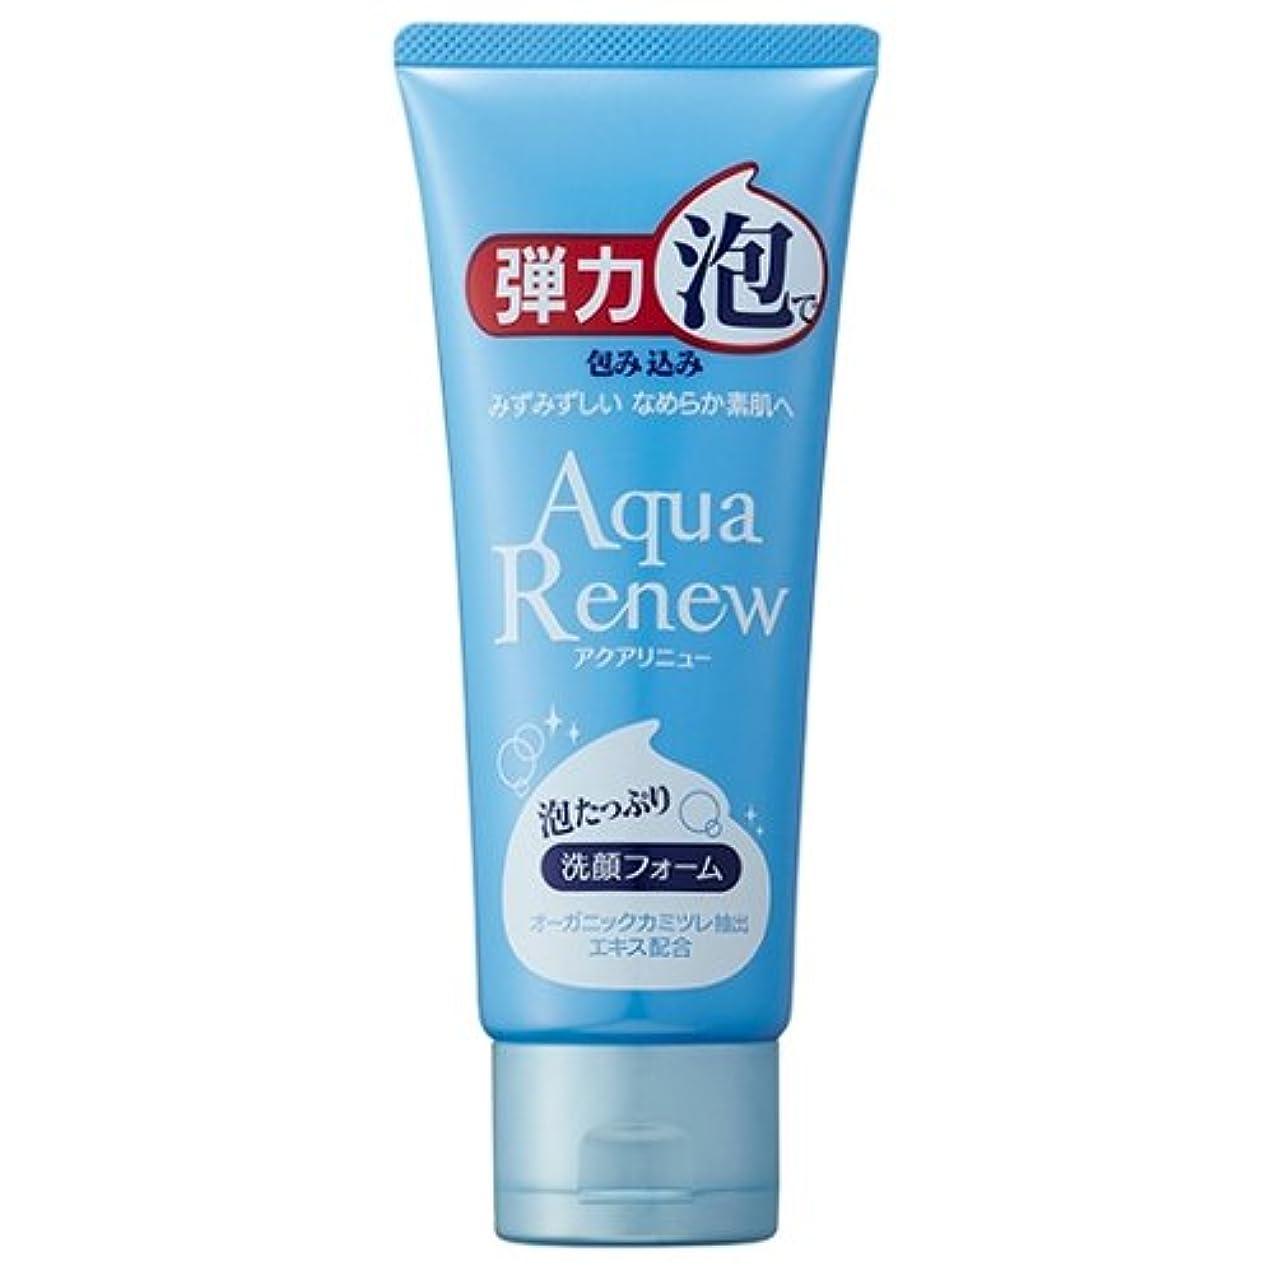 配列お嬢サージアクアリニュー洗顔フォーム 150g